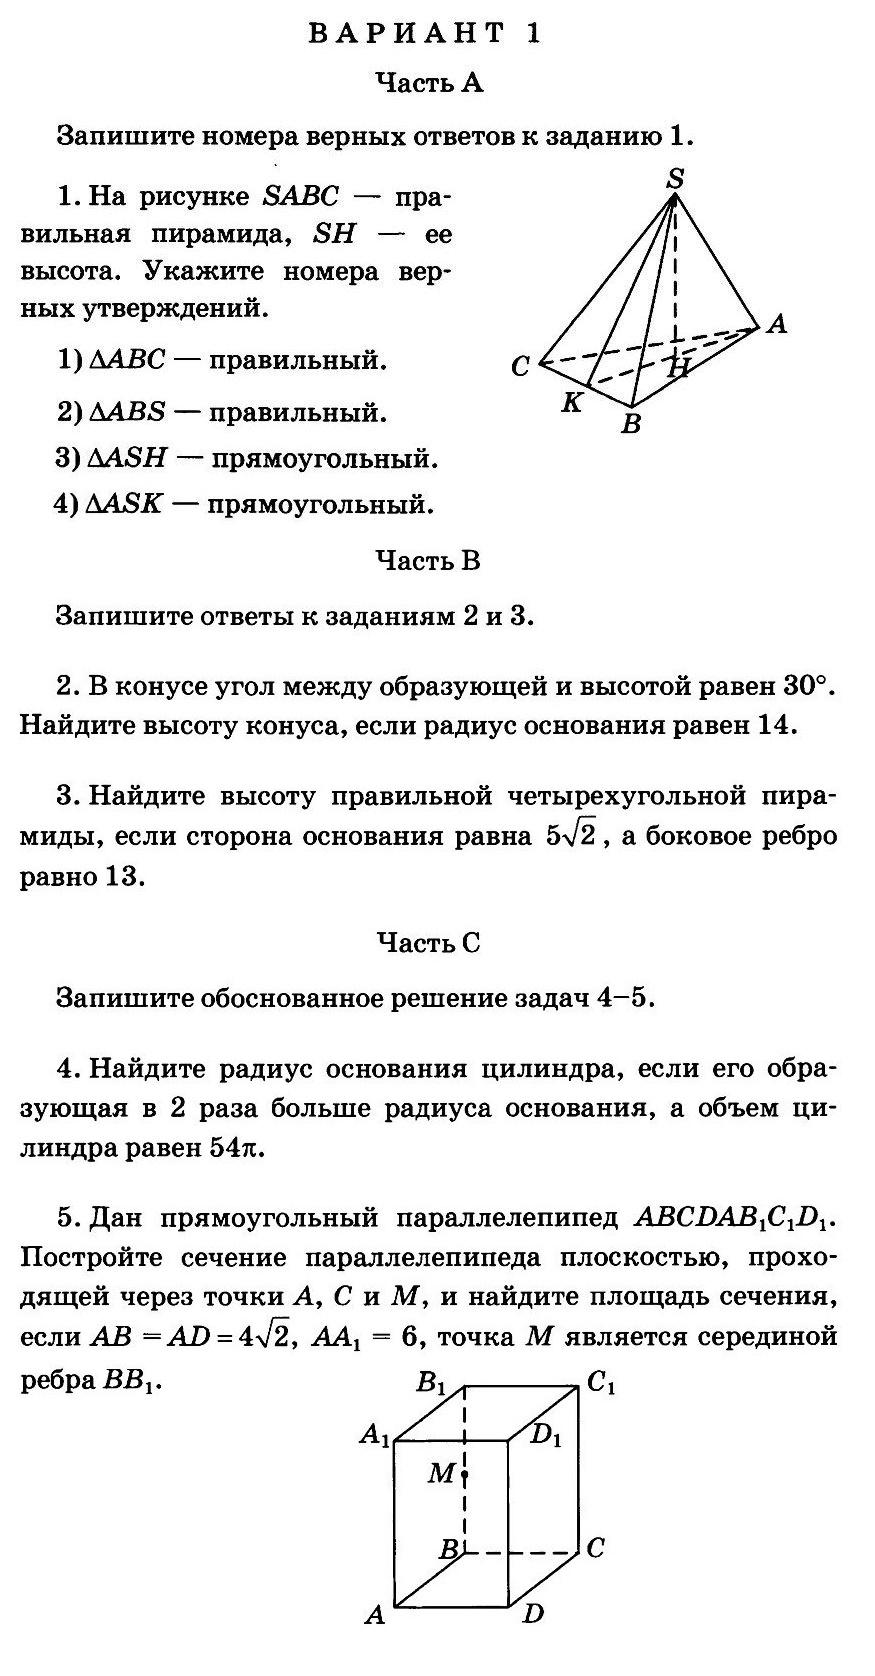 Контрольная работа «Начальные сведения из стереометрии» по геометрии в 9 классе